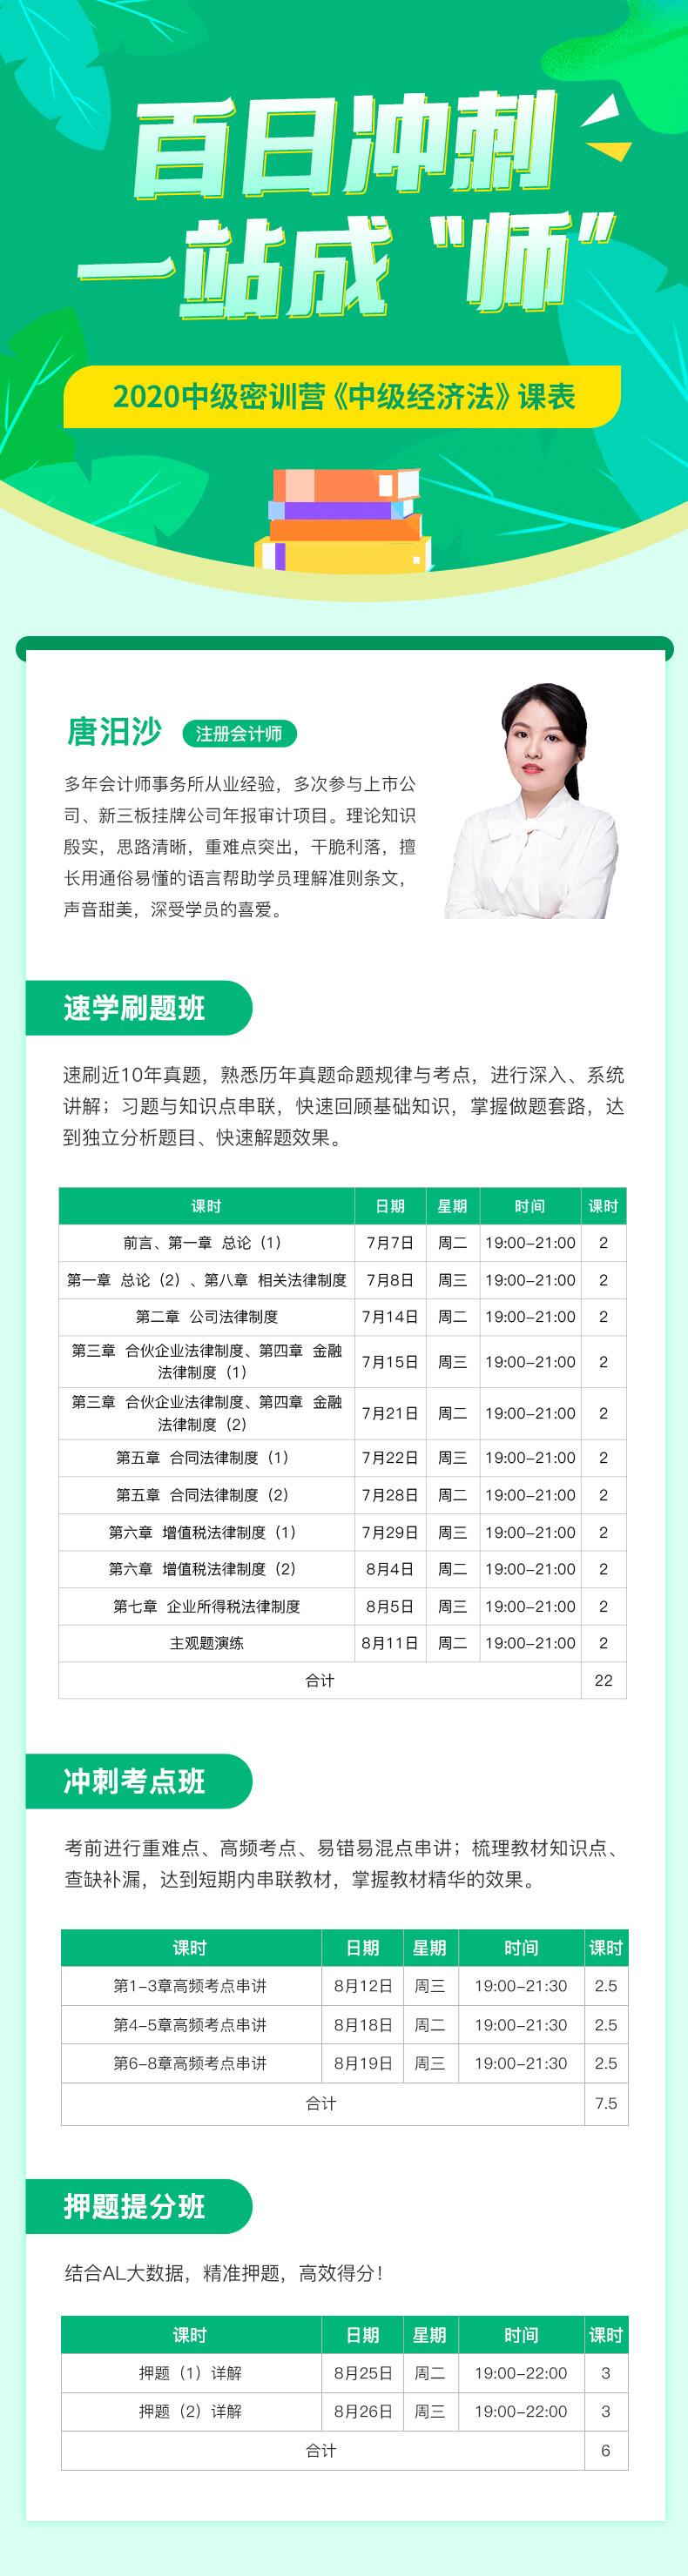 中级密训营课表-经济法.jpg